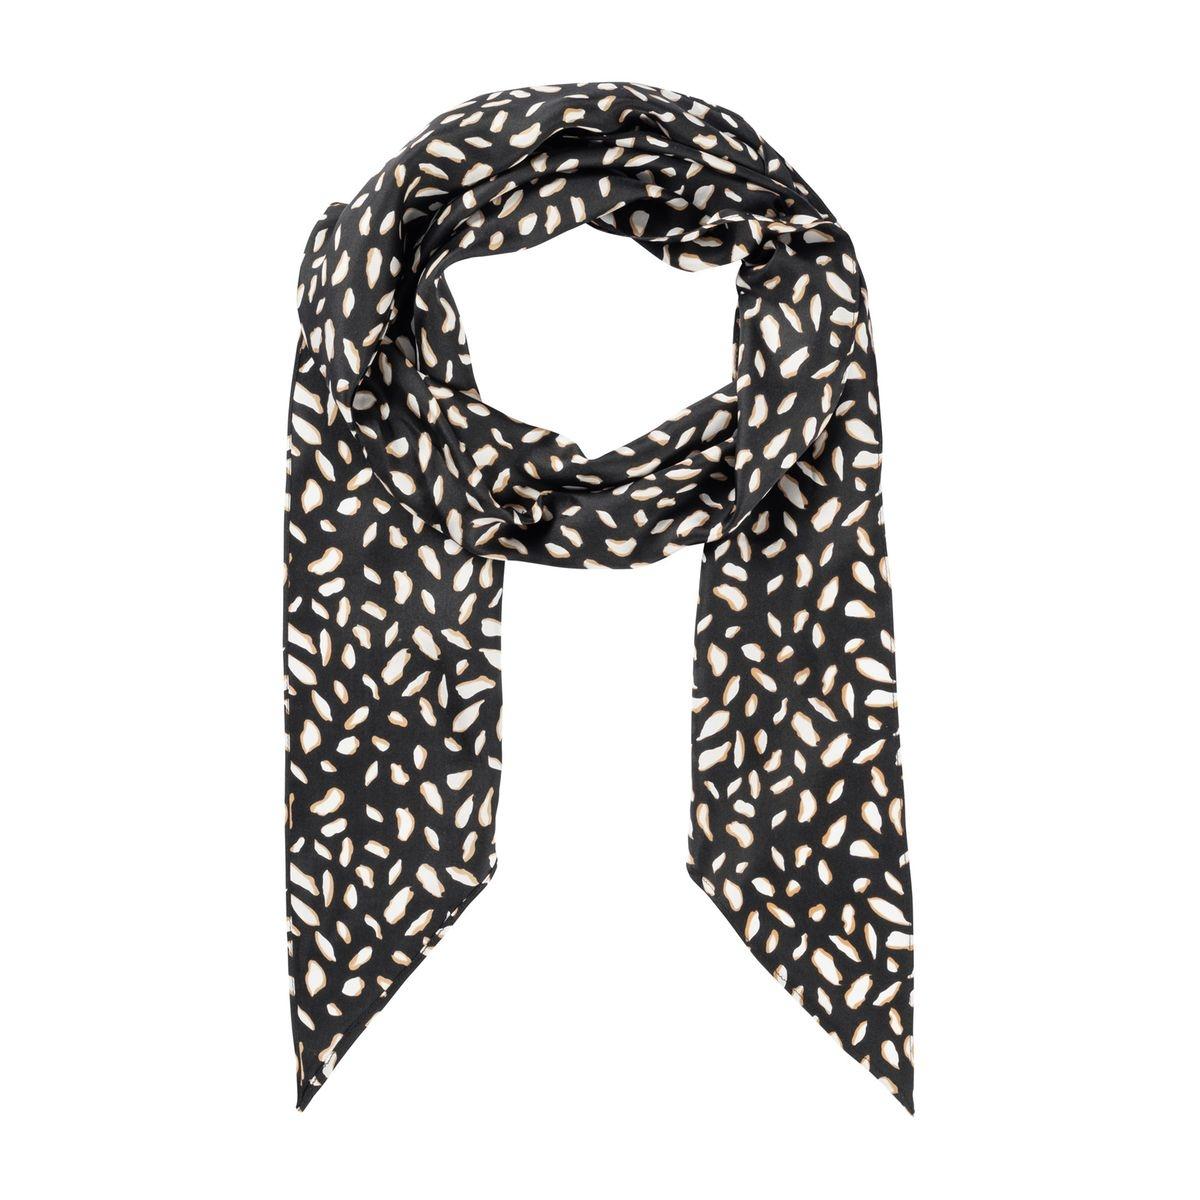 Foulard en soie à imprimé léopard